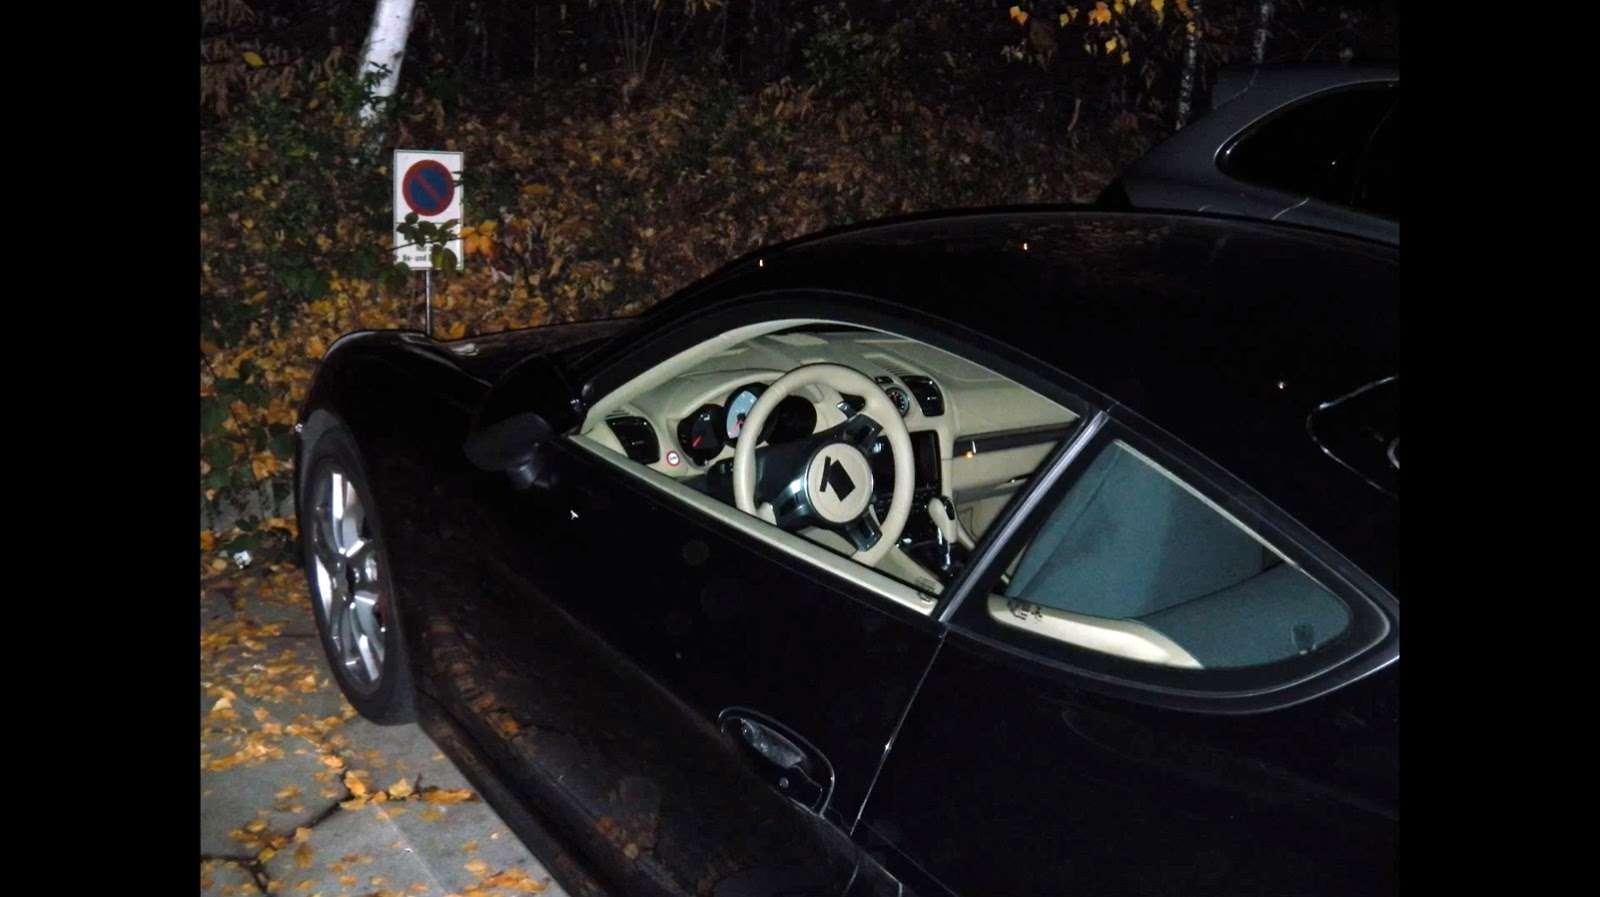 Porsche Cayman Coupe 2013 szpiegowskie